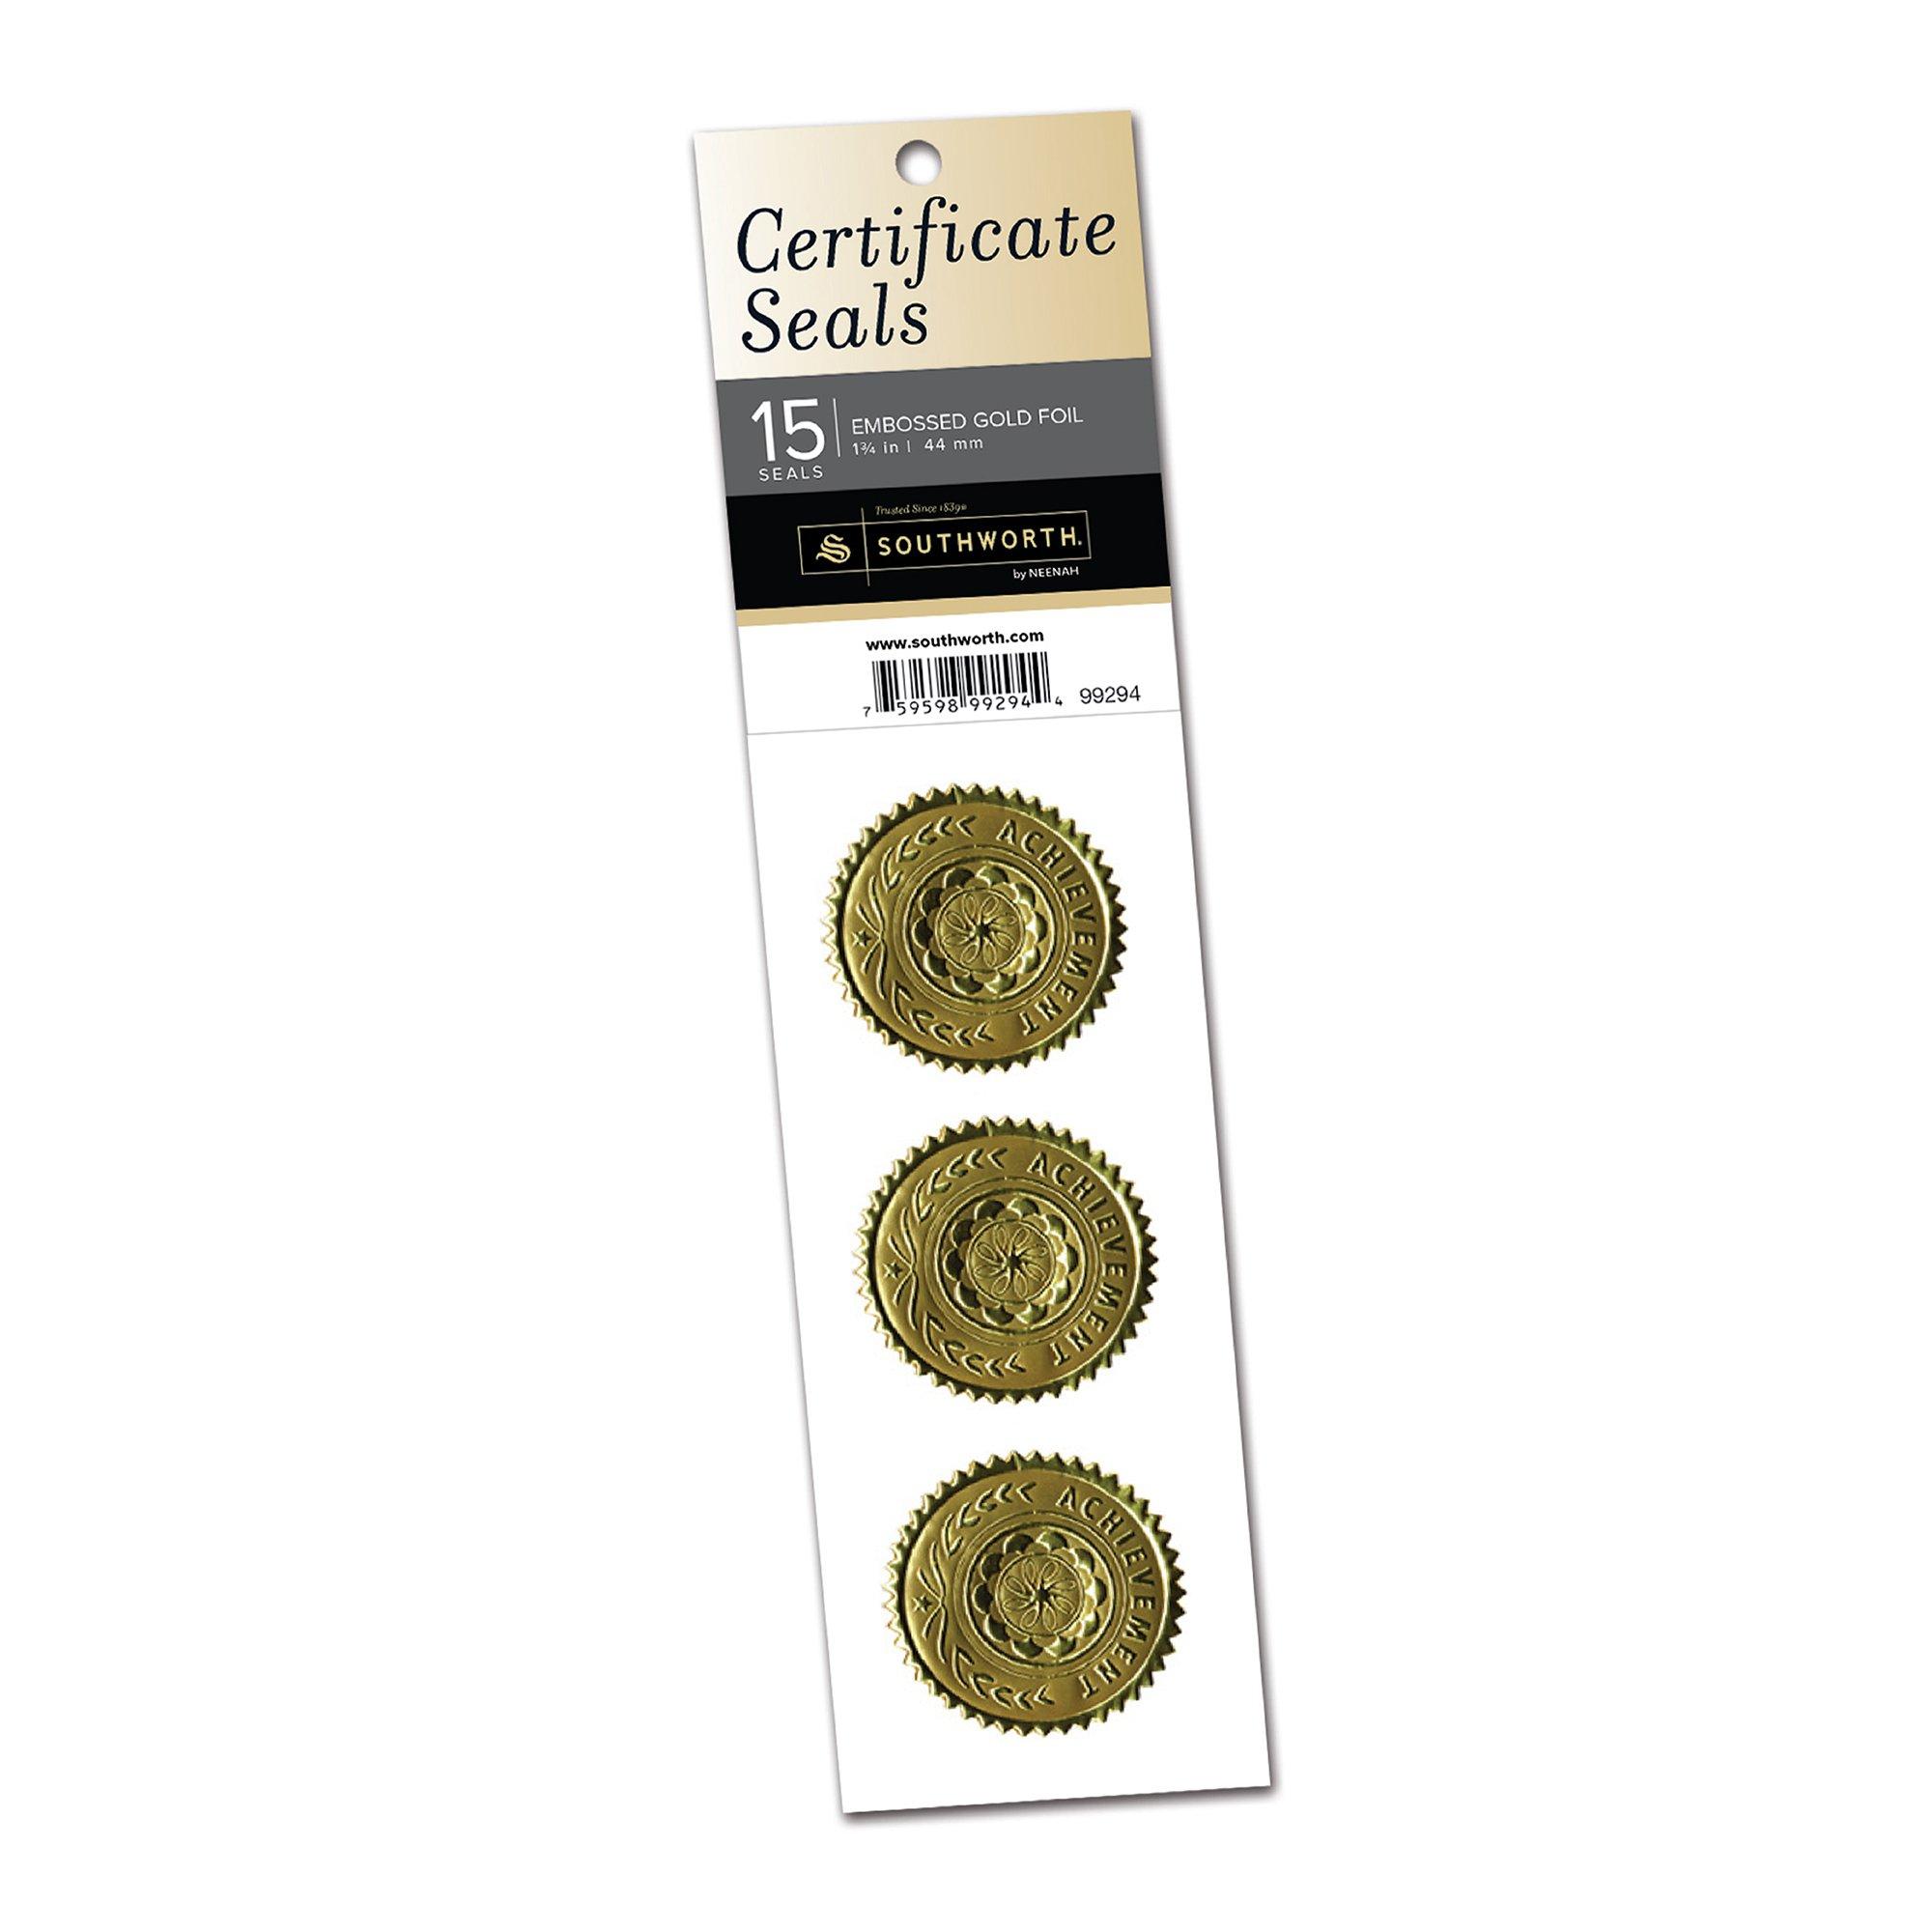 """Southworth Foil Embossed Certificate Seals, 1.25"""" x 2"""", Gold Achievement, 15 Seals (99294)"""